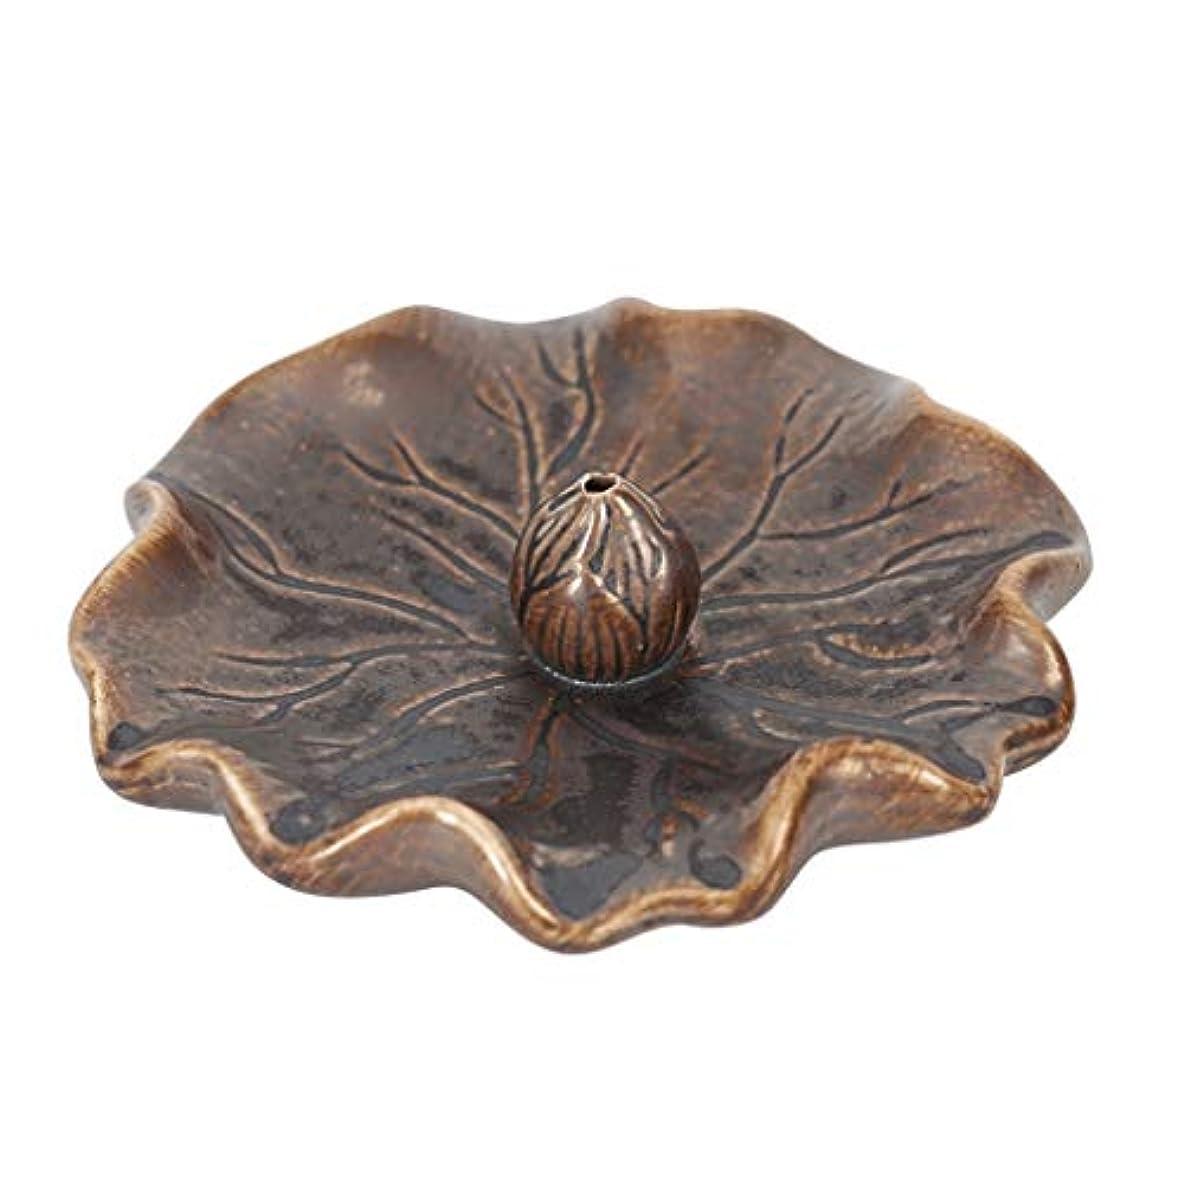 シガレット未亡人ママ蓮の葉セラミック香炉ライン香バーナーホーム寒天ベース屋内香ホルダーホルダーまっすぐな香香スティック (Color : Brass, サイズ : 4.52*1.18inchs)